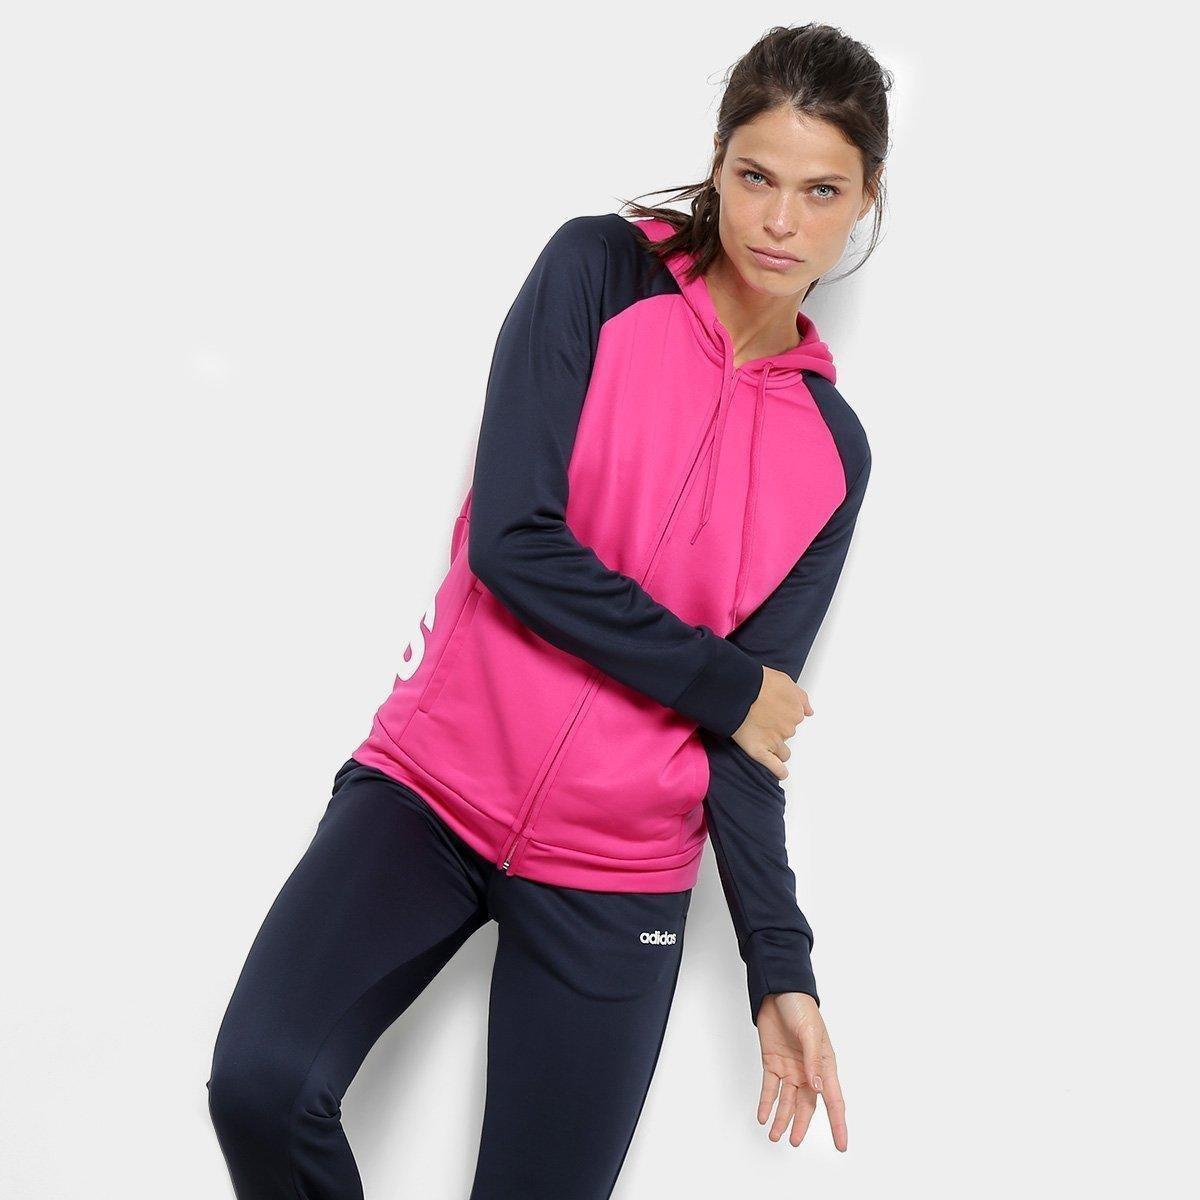 e2b7984b46 ... Conjunto Agasalho Adidas Detalhe Logo WTS Lin FT Hood Feminino - 2 ...